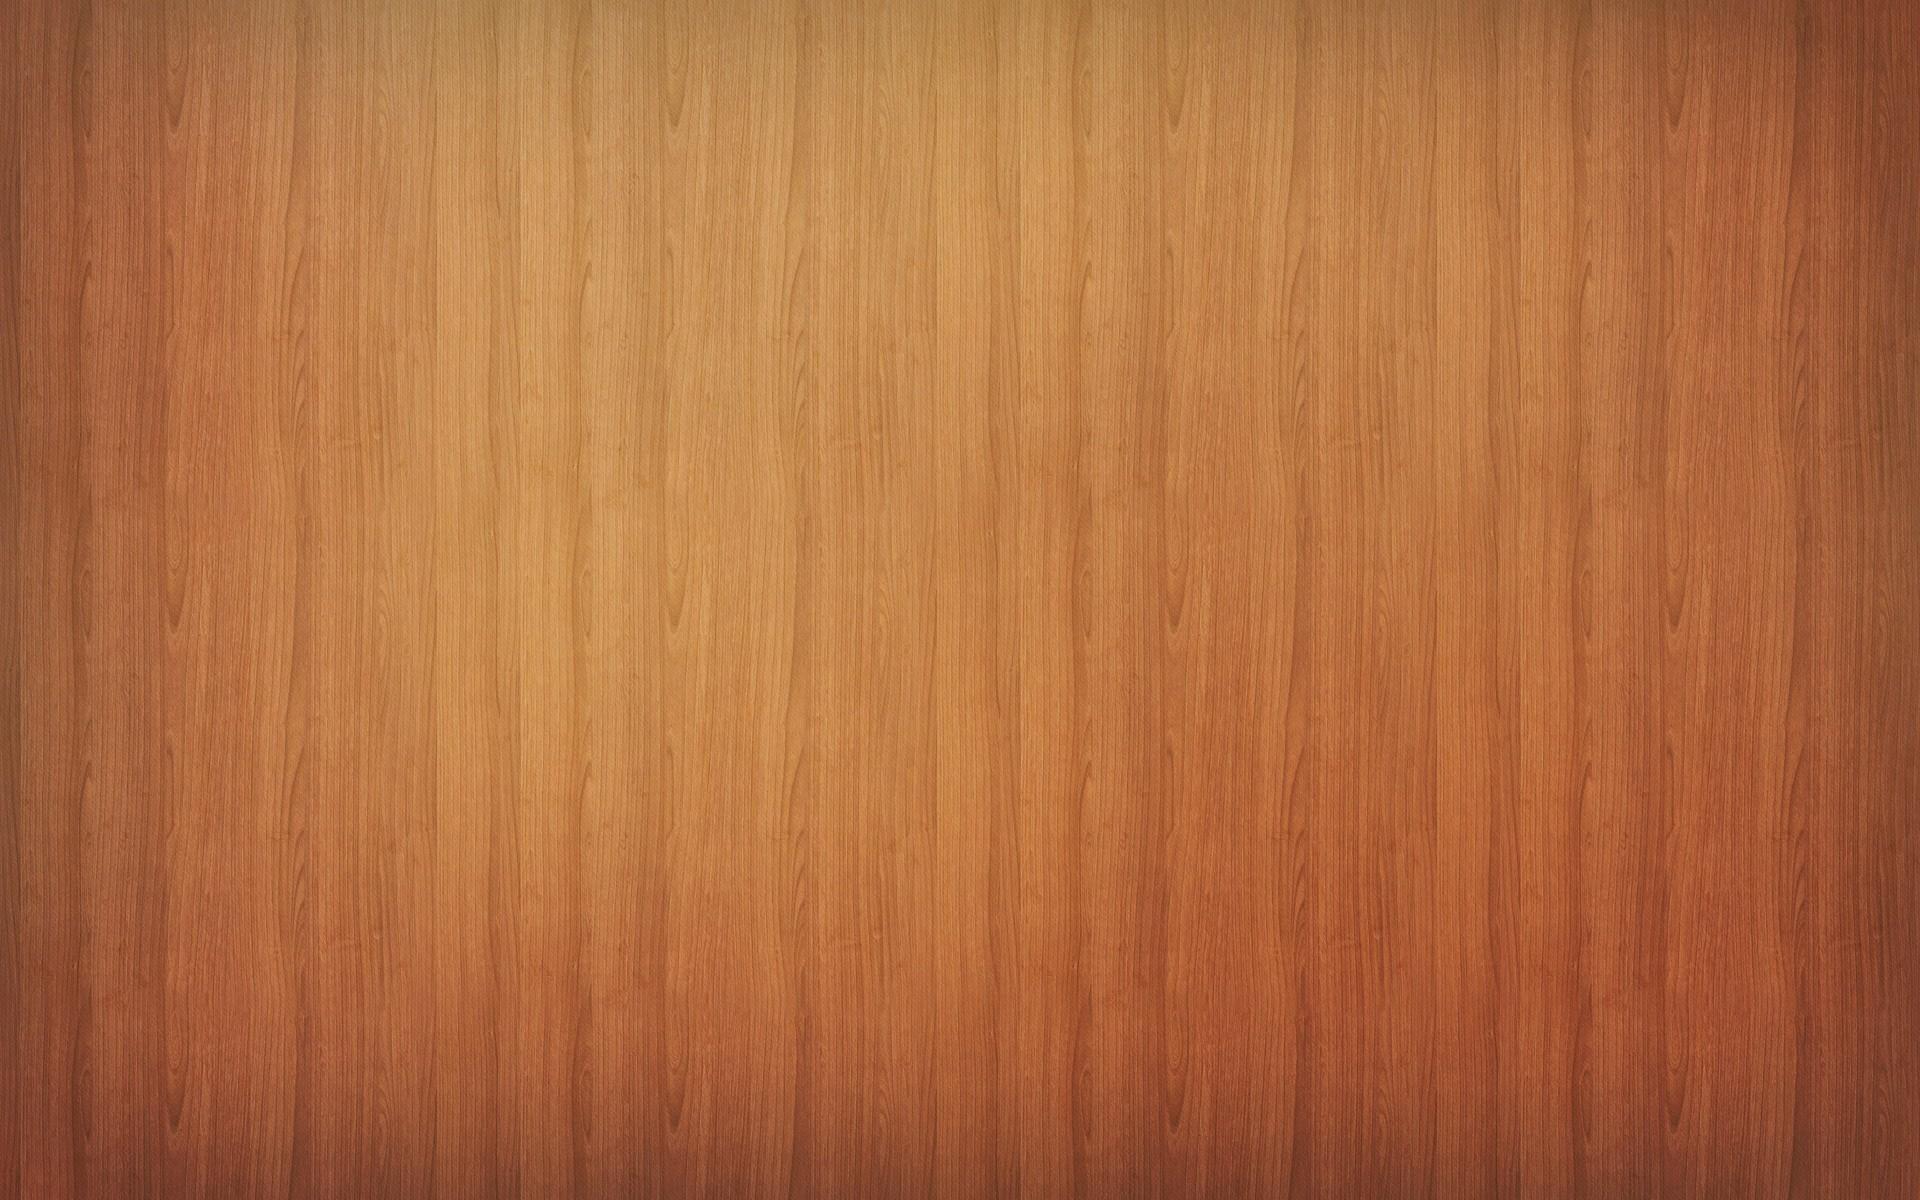 Wood Desktop Wallpaper 609 – uMad.com